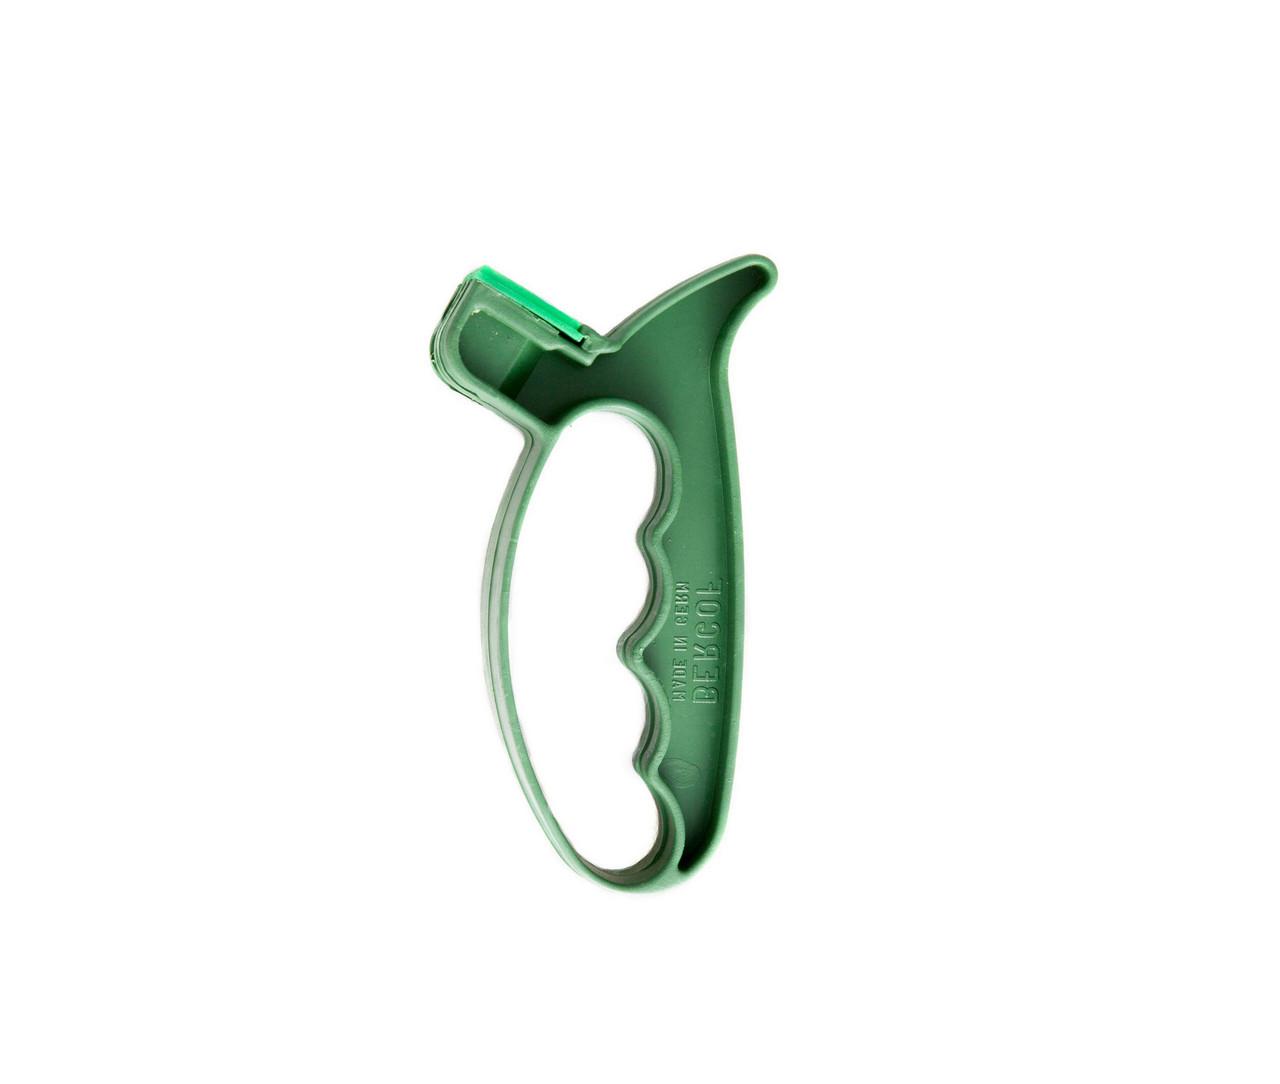 Точилка для ножей (Рыбка), пластик, нержавеющая сталь